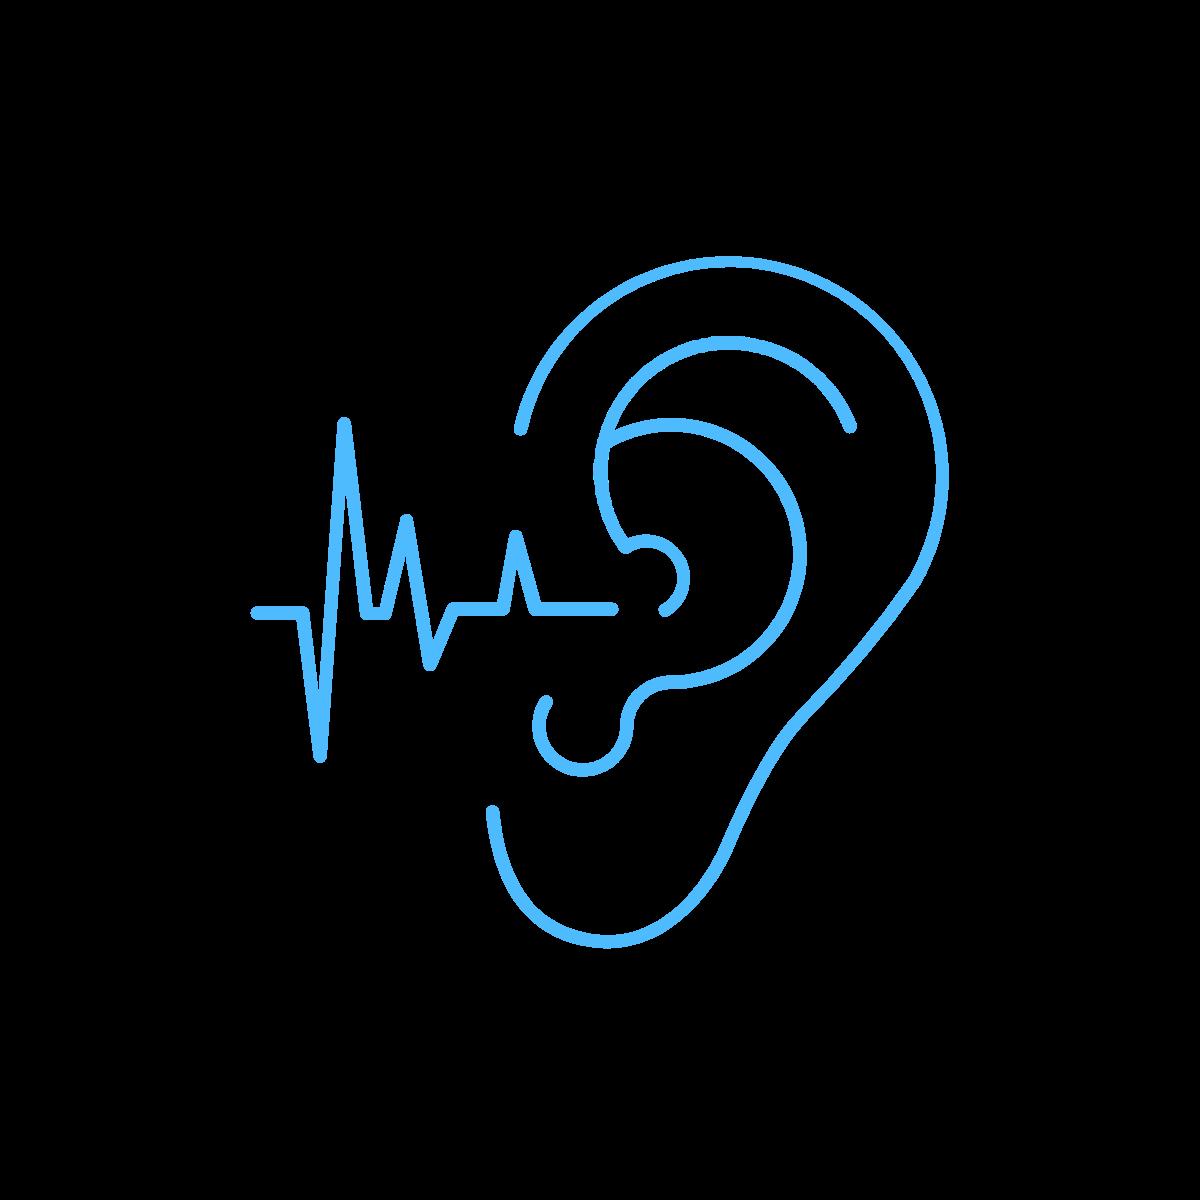 THe listening gap - Failing to adequately analyse qualitative data